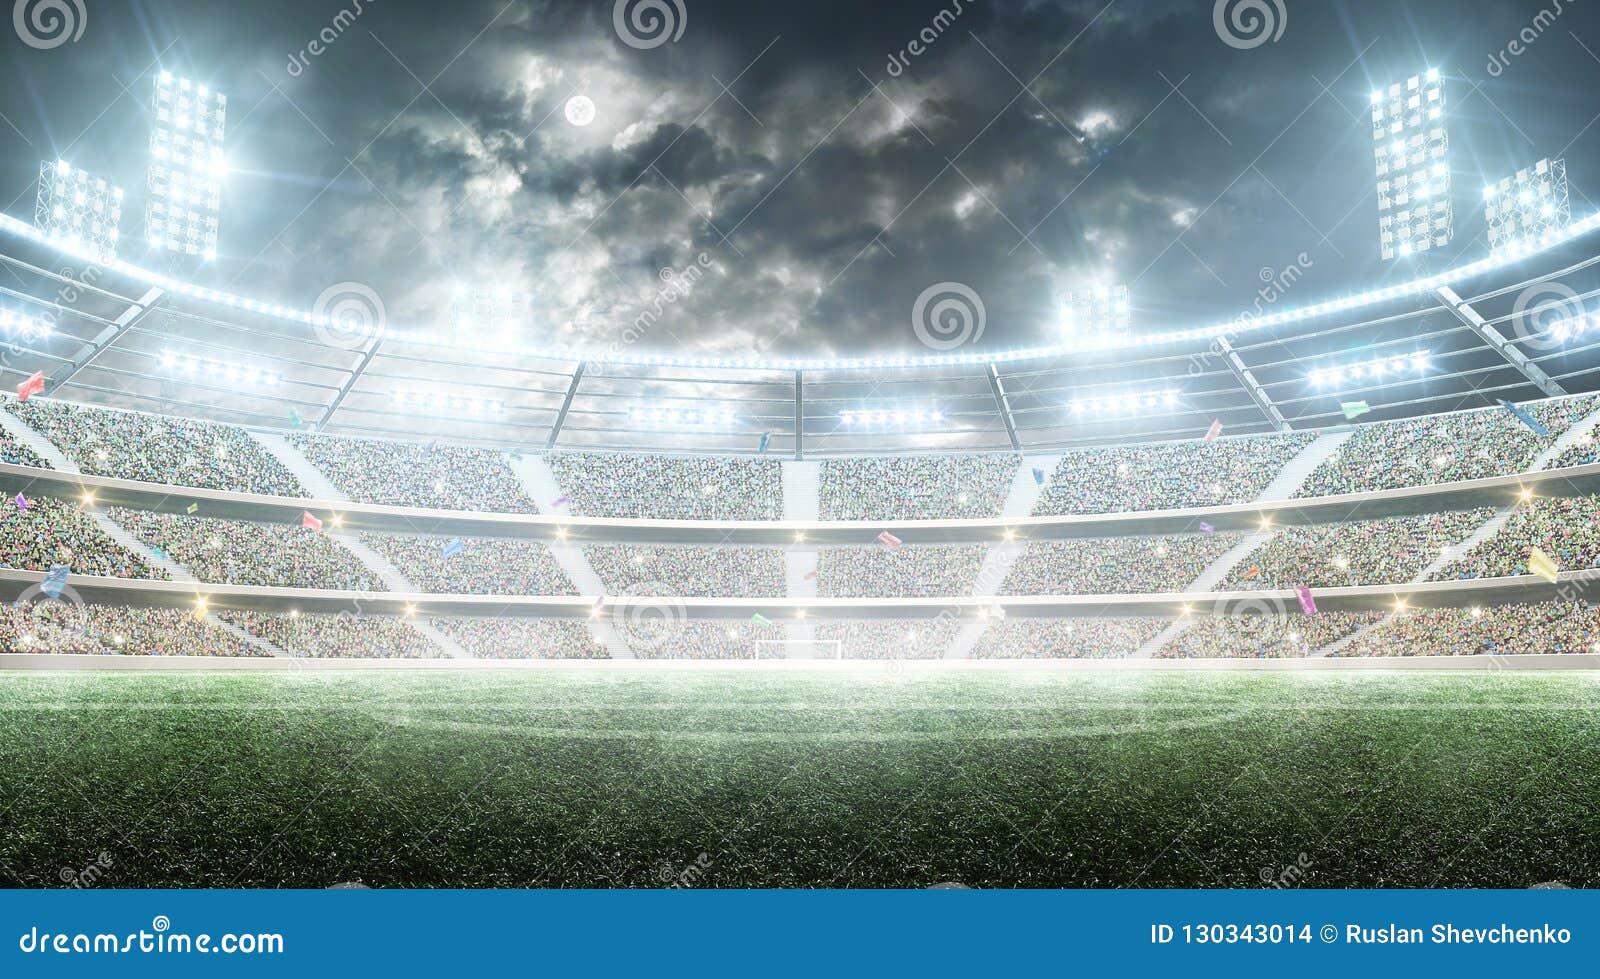 Voetbal stadium Professionele sportarena Nachtstadion onder de maan met lichten, ventilators en vlaggen Achtergrond